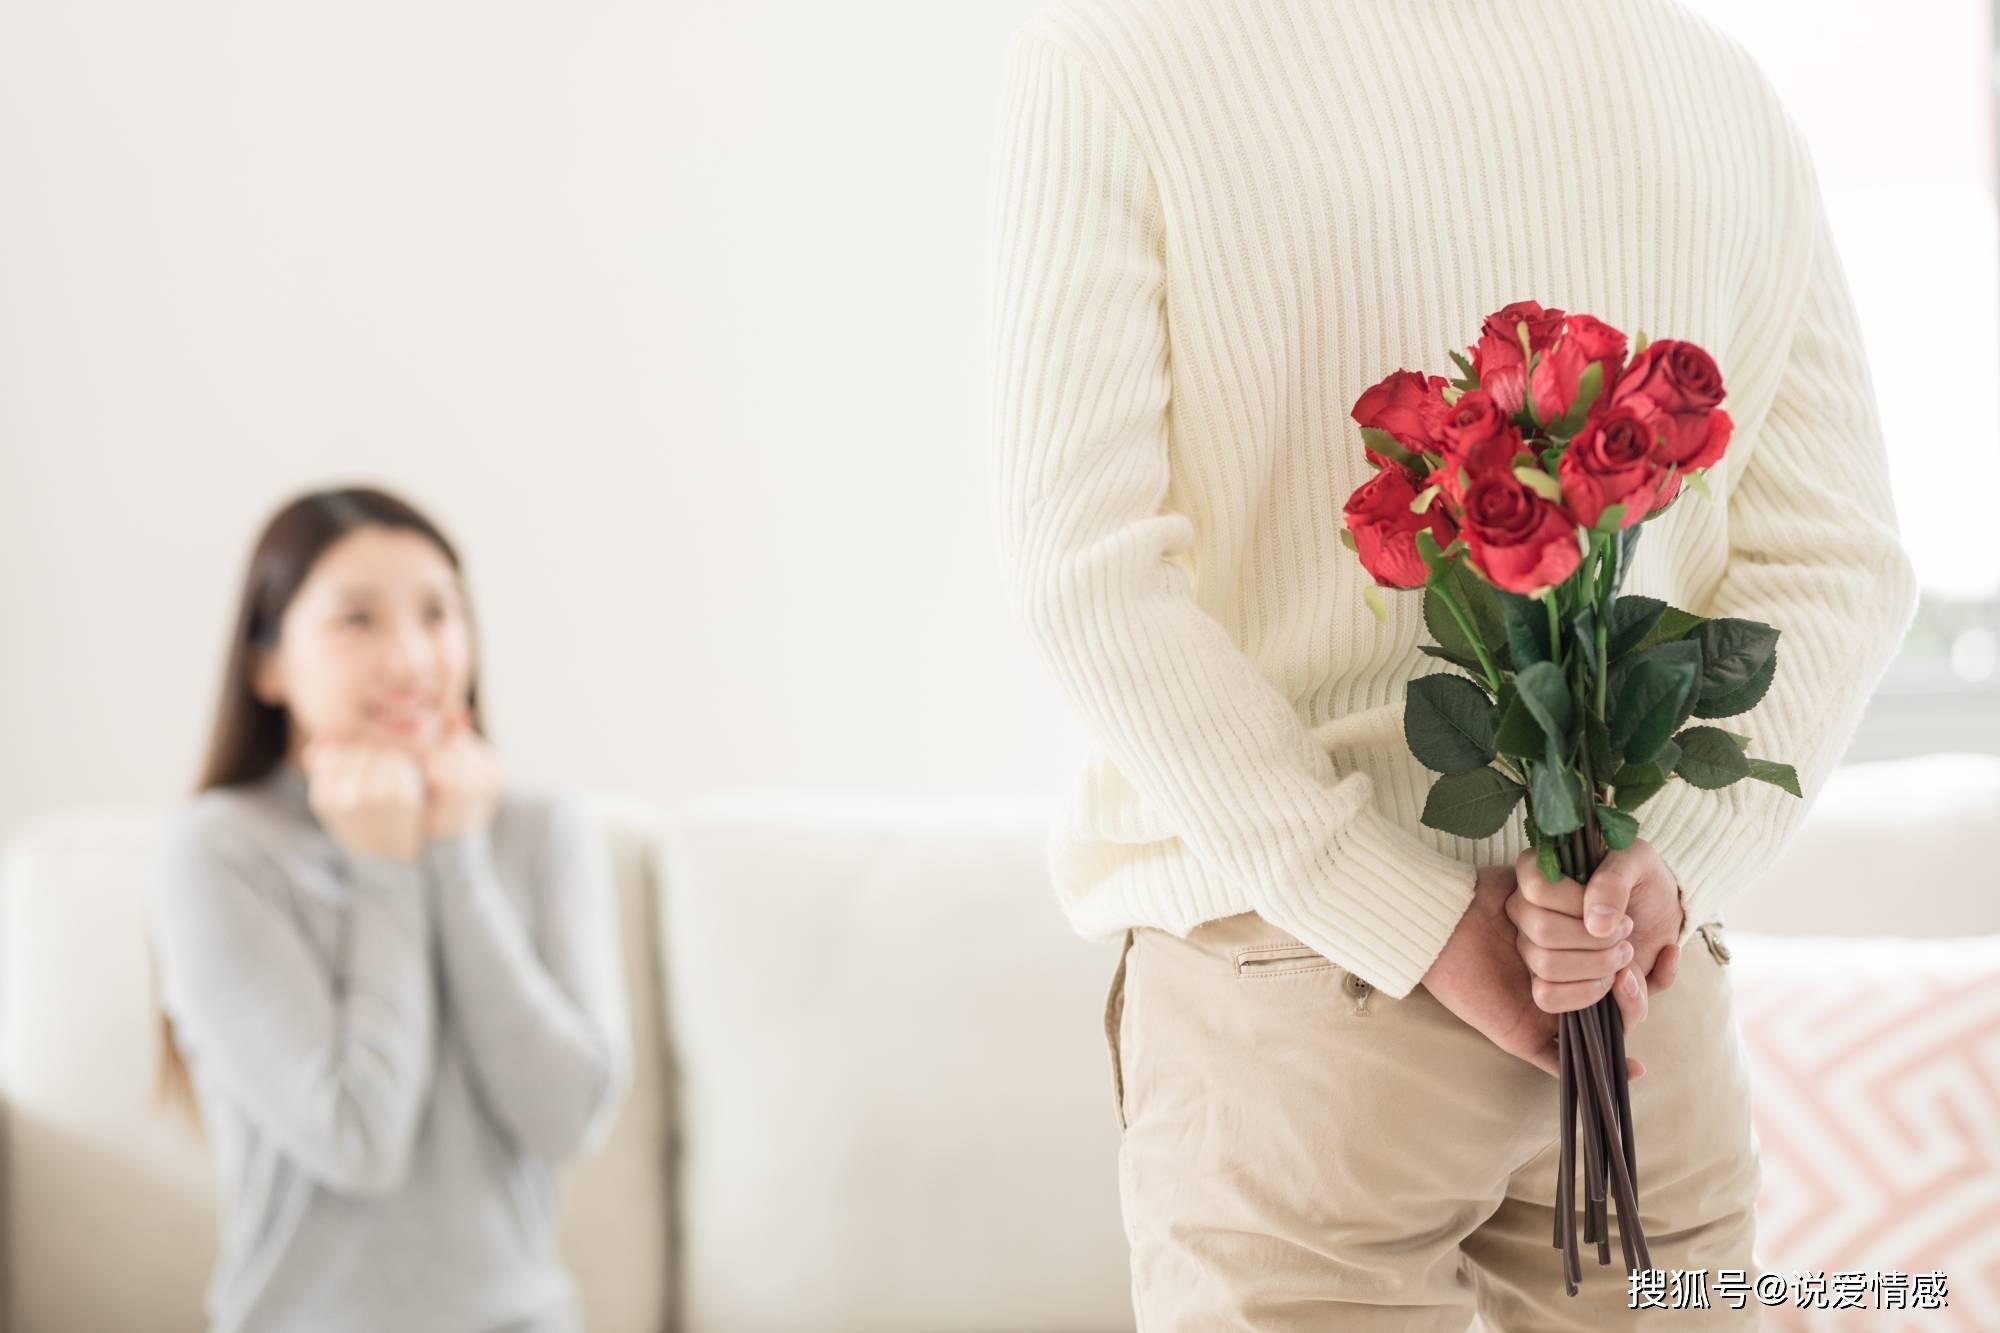 当男人错过一个好姑娘 让男人后悔失去的女孩